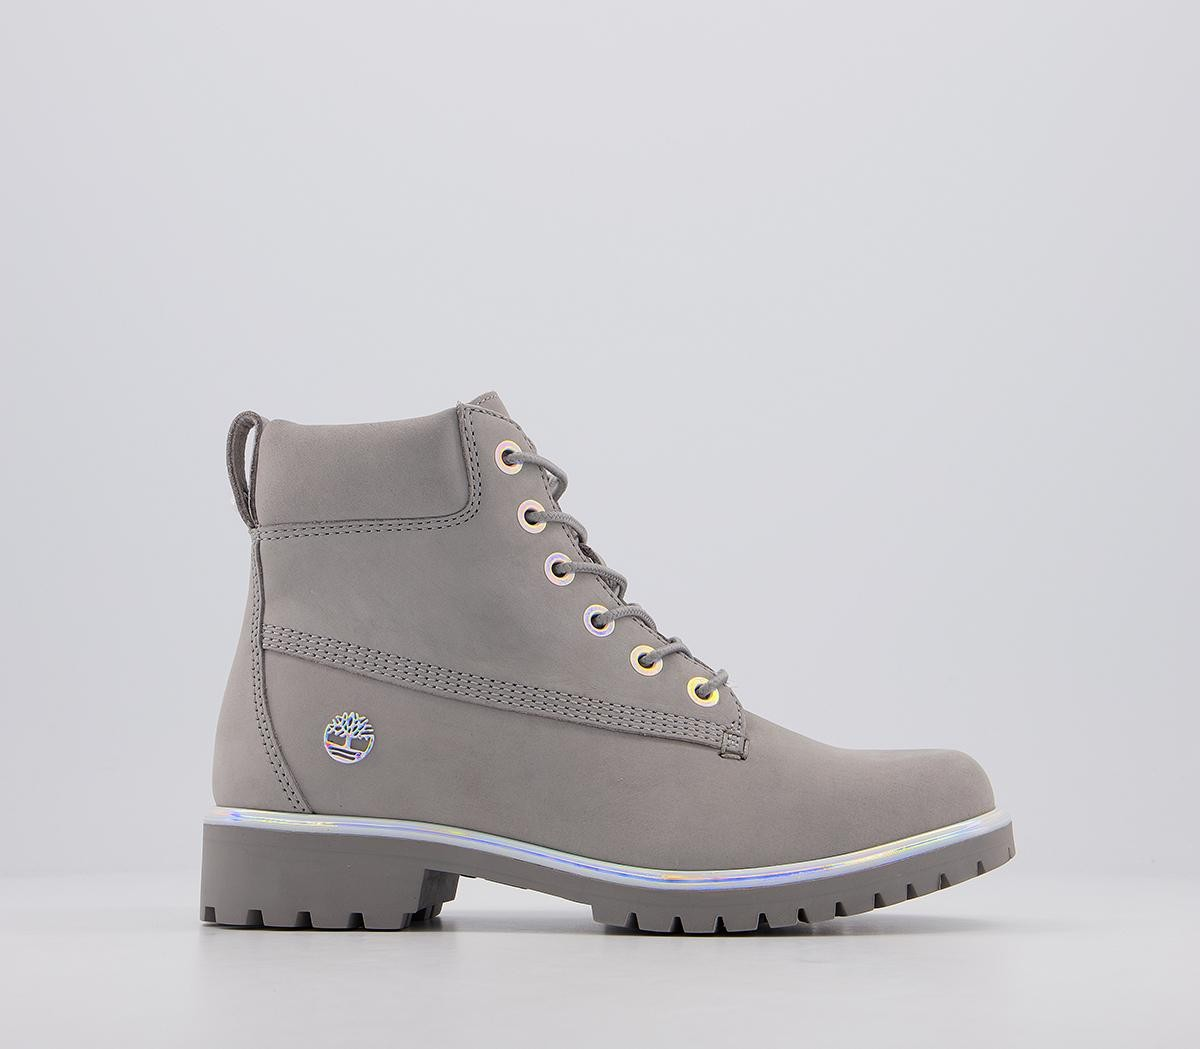 Timberland Slim Premium 6 Inch Boot